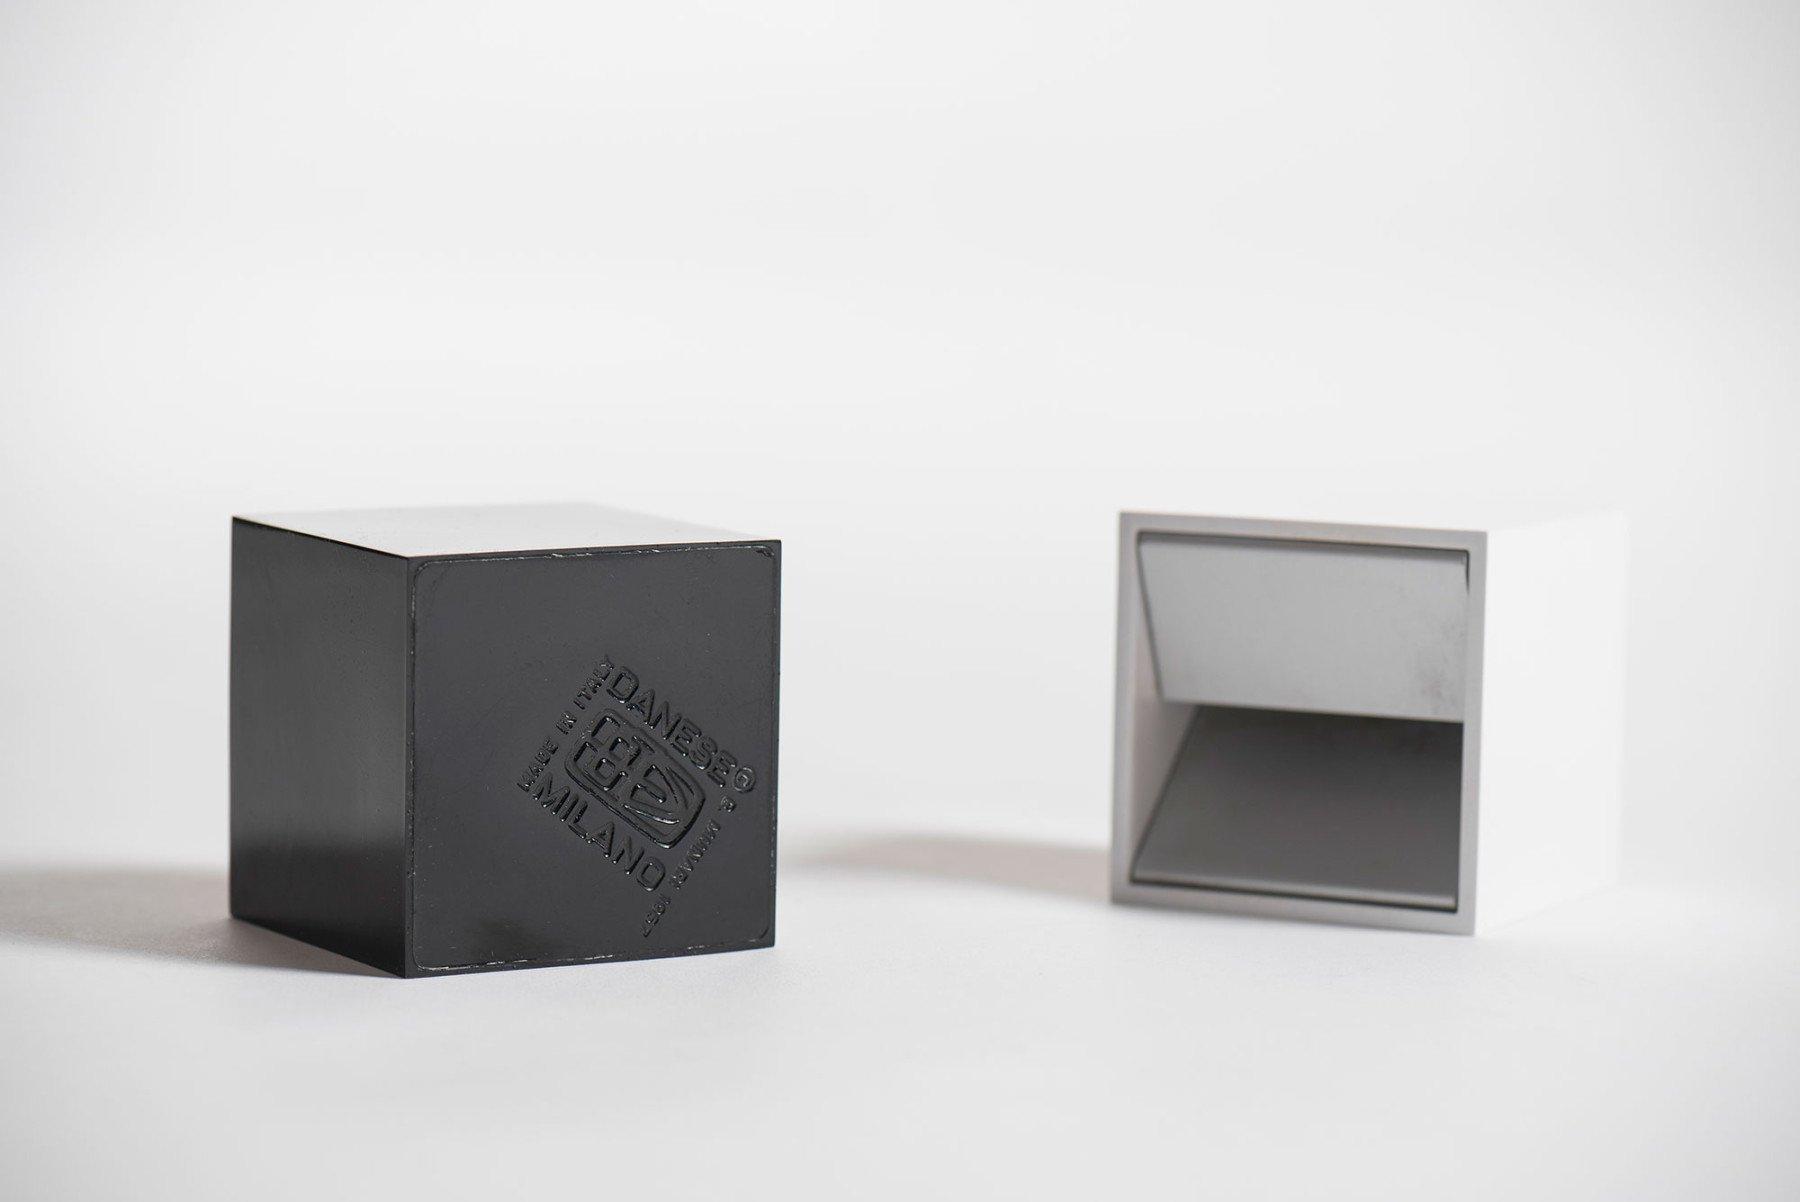 Bruno Munari |   Desk accessories